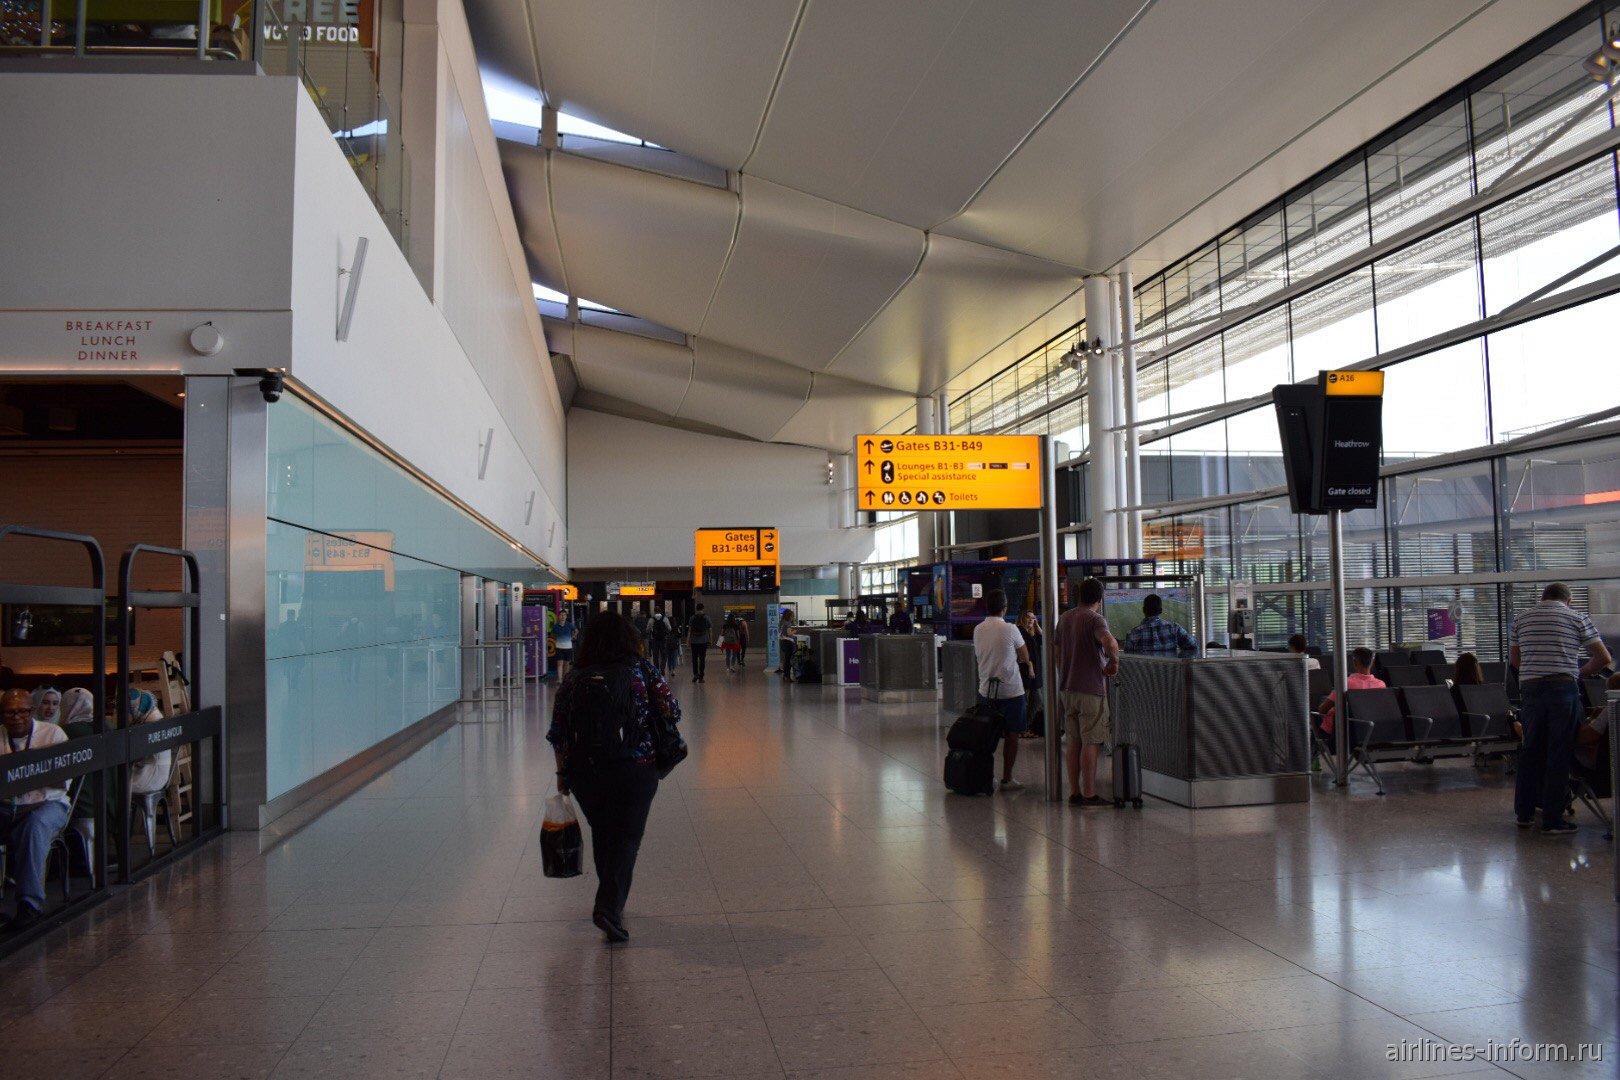 Выходы на посадку в терминале 2 аэропорта Лондон Хитроу